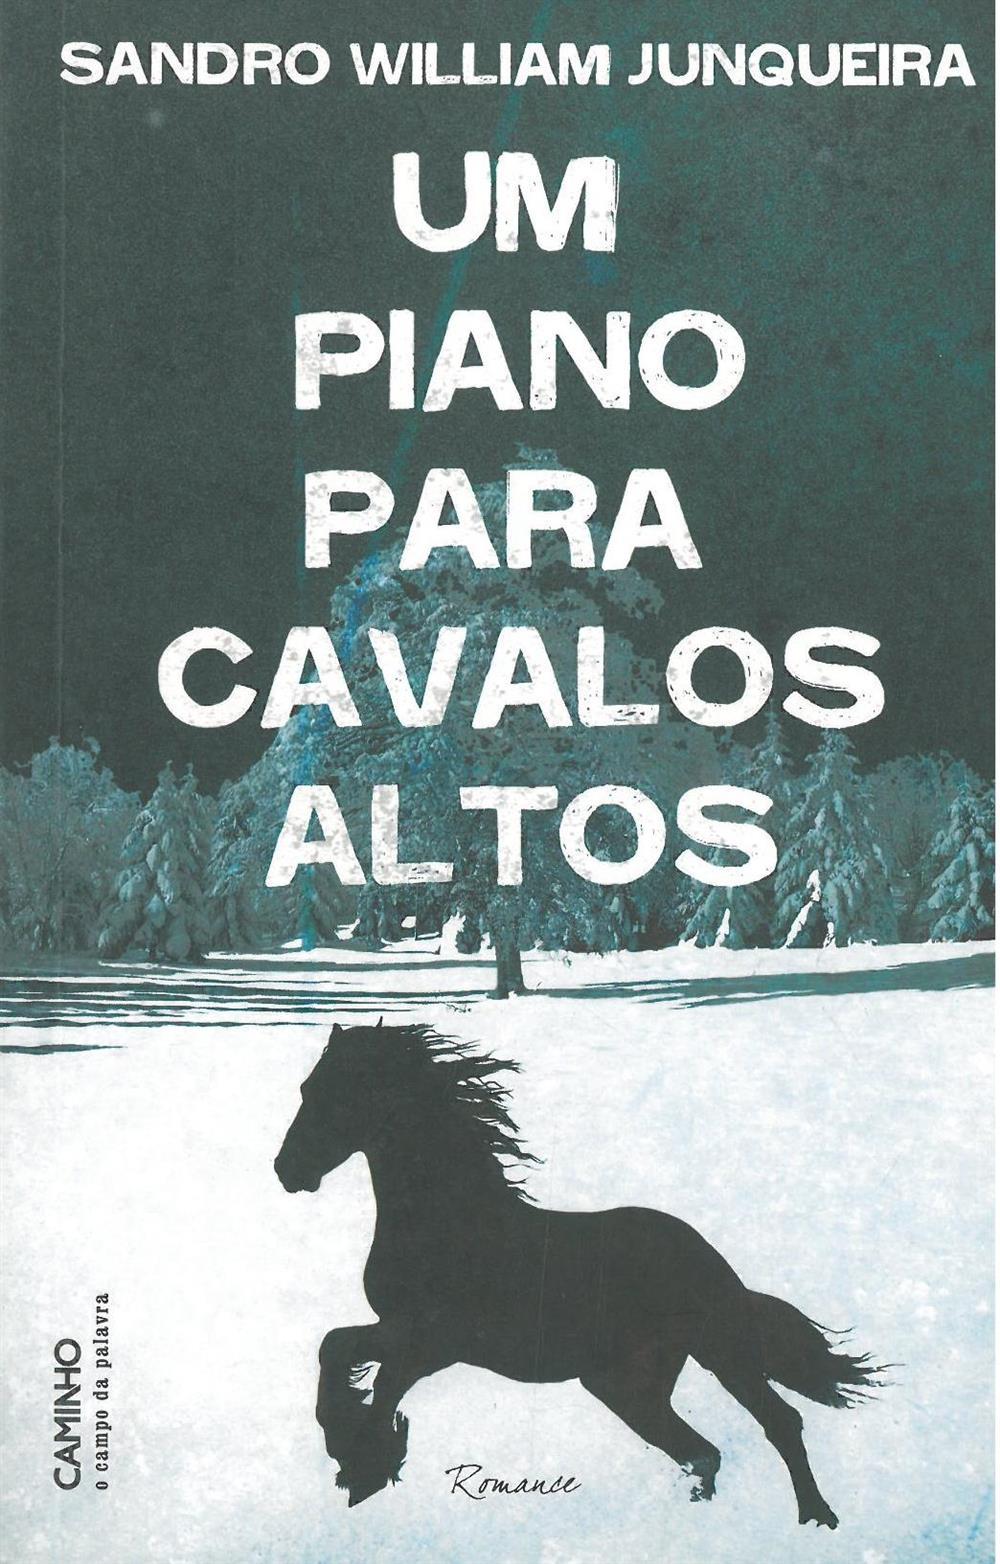 Um piano para cavalos altos_.jpg